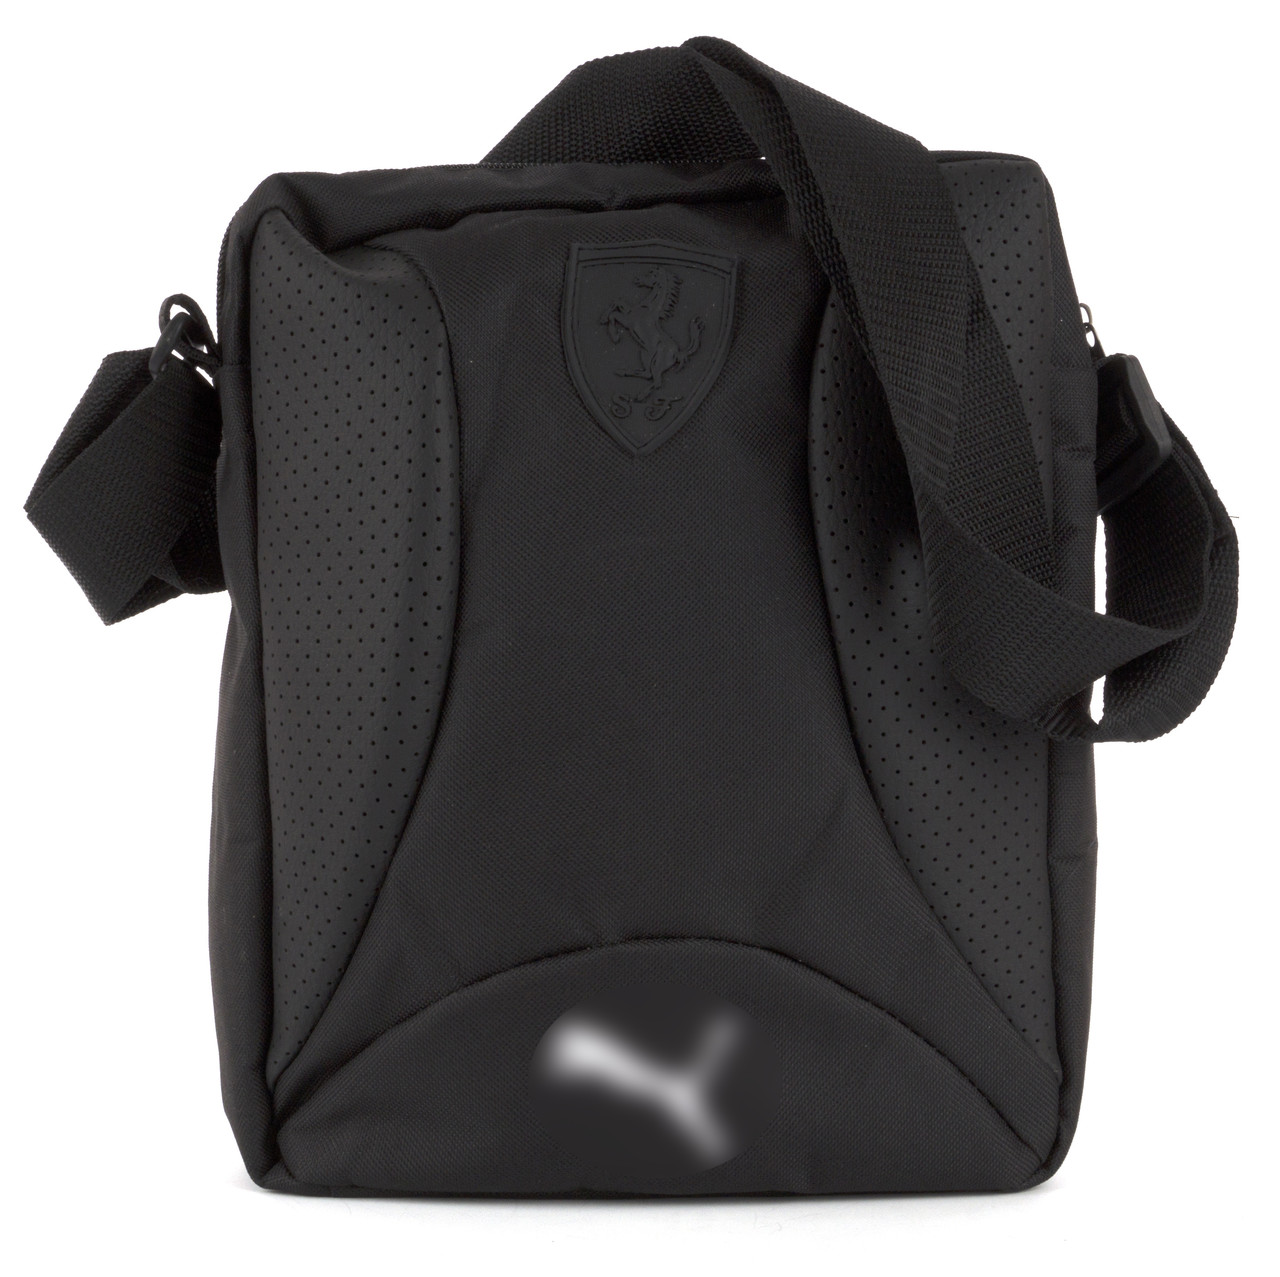 Стильная прочная мужская тканевая сумка  art. 41-1